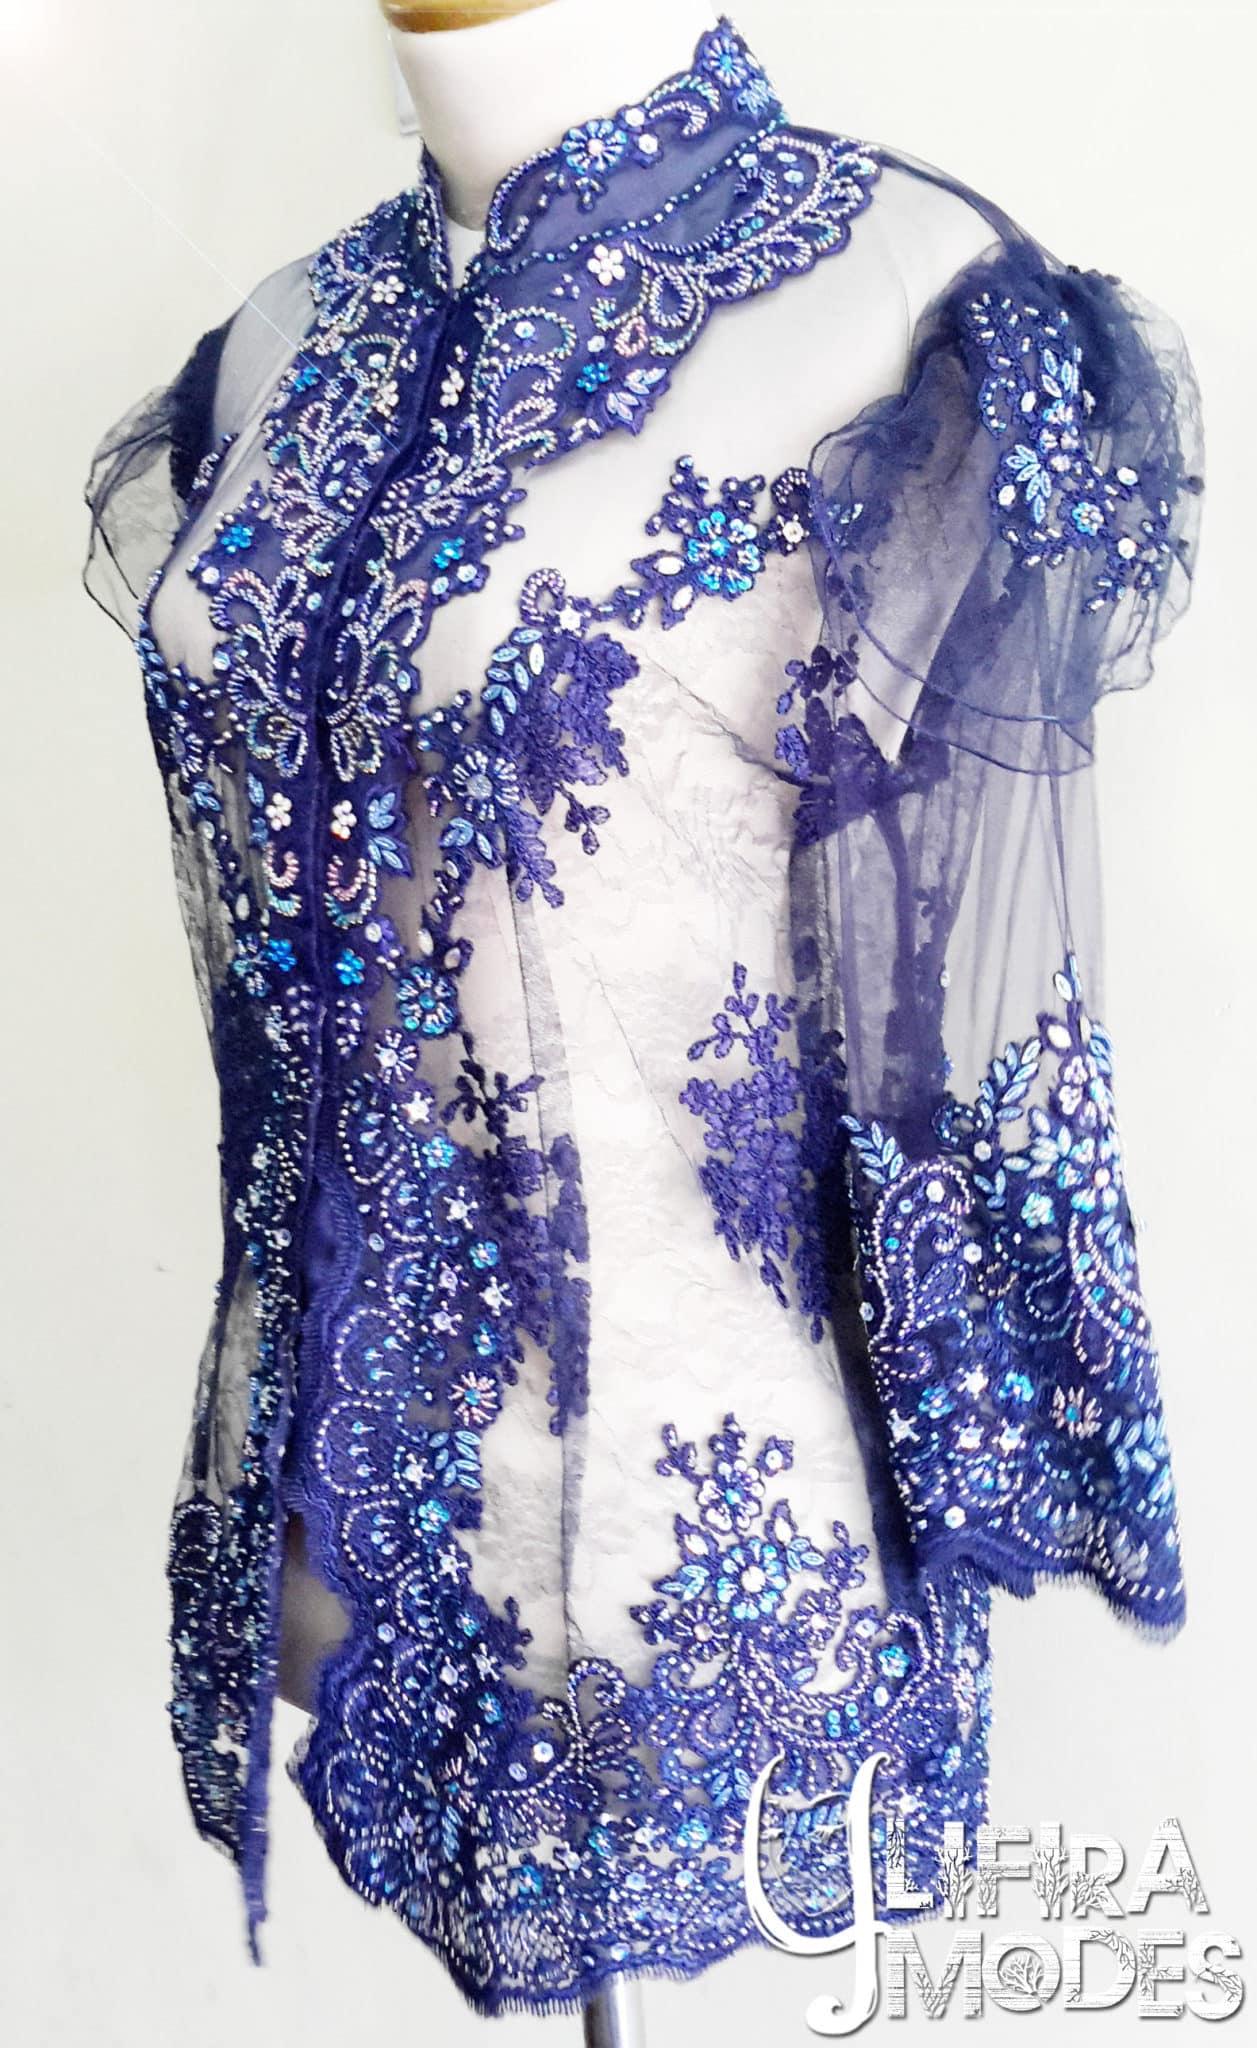 Glamourous Royal Blue Kebaya by LIFIRA Modes, Penjahit Wanita Malang